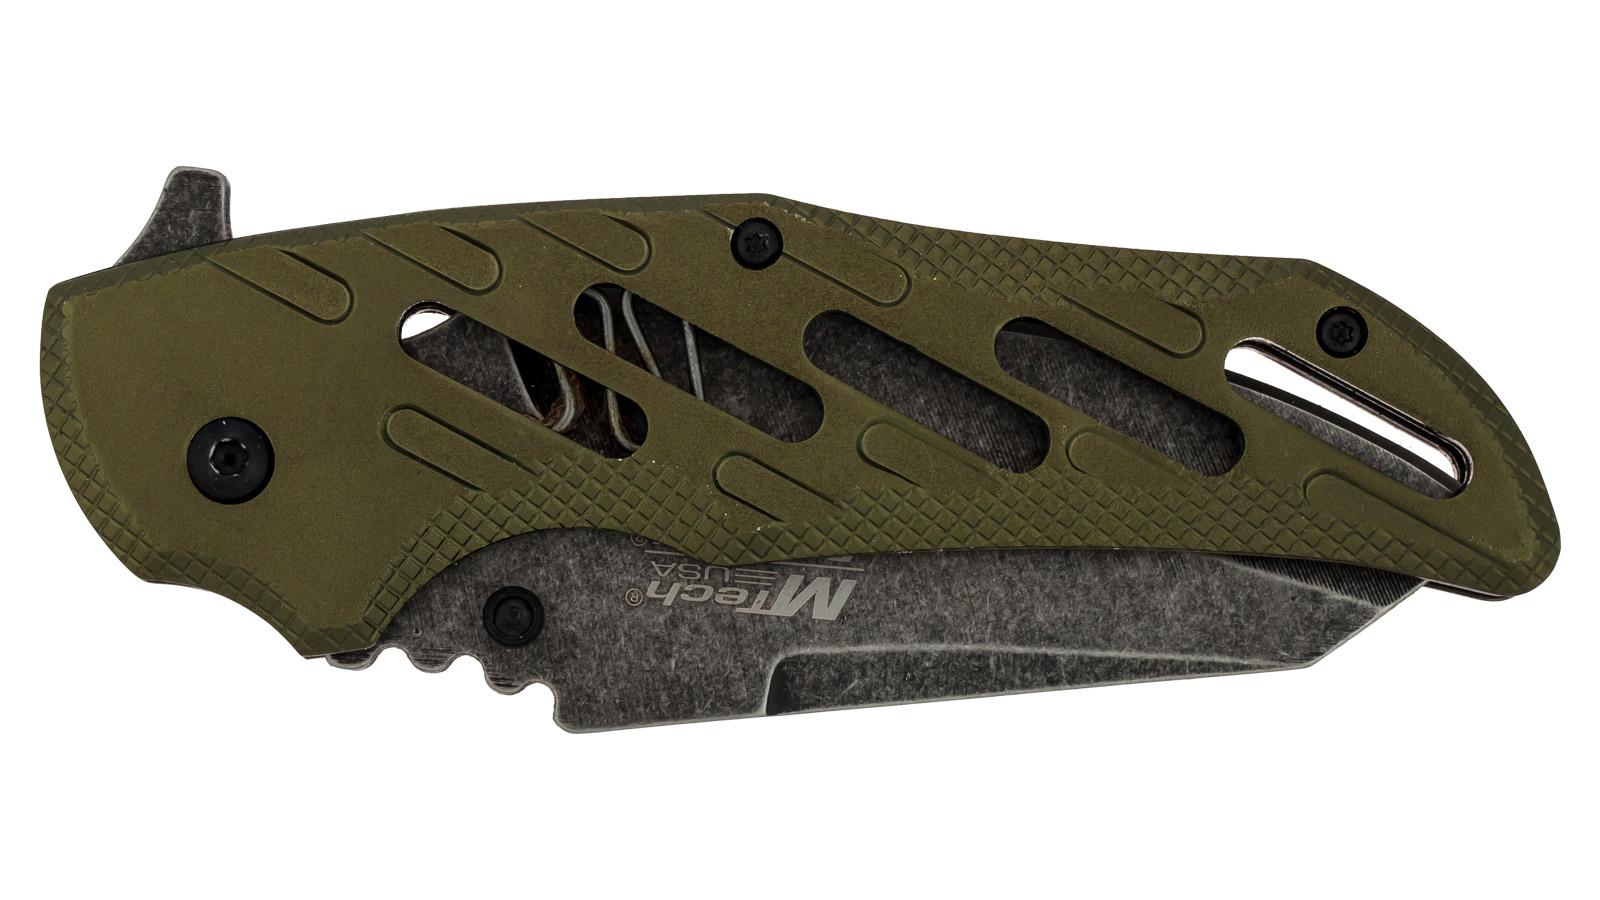 Армейский складной нож Mtech Ballistic MT-A904GR - купить в розницу